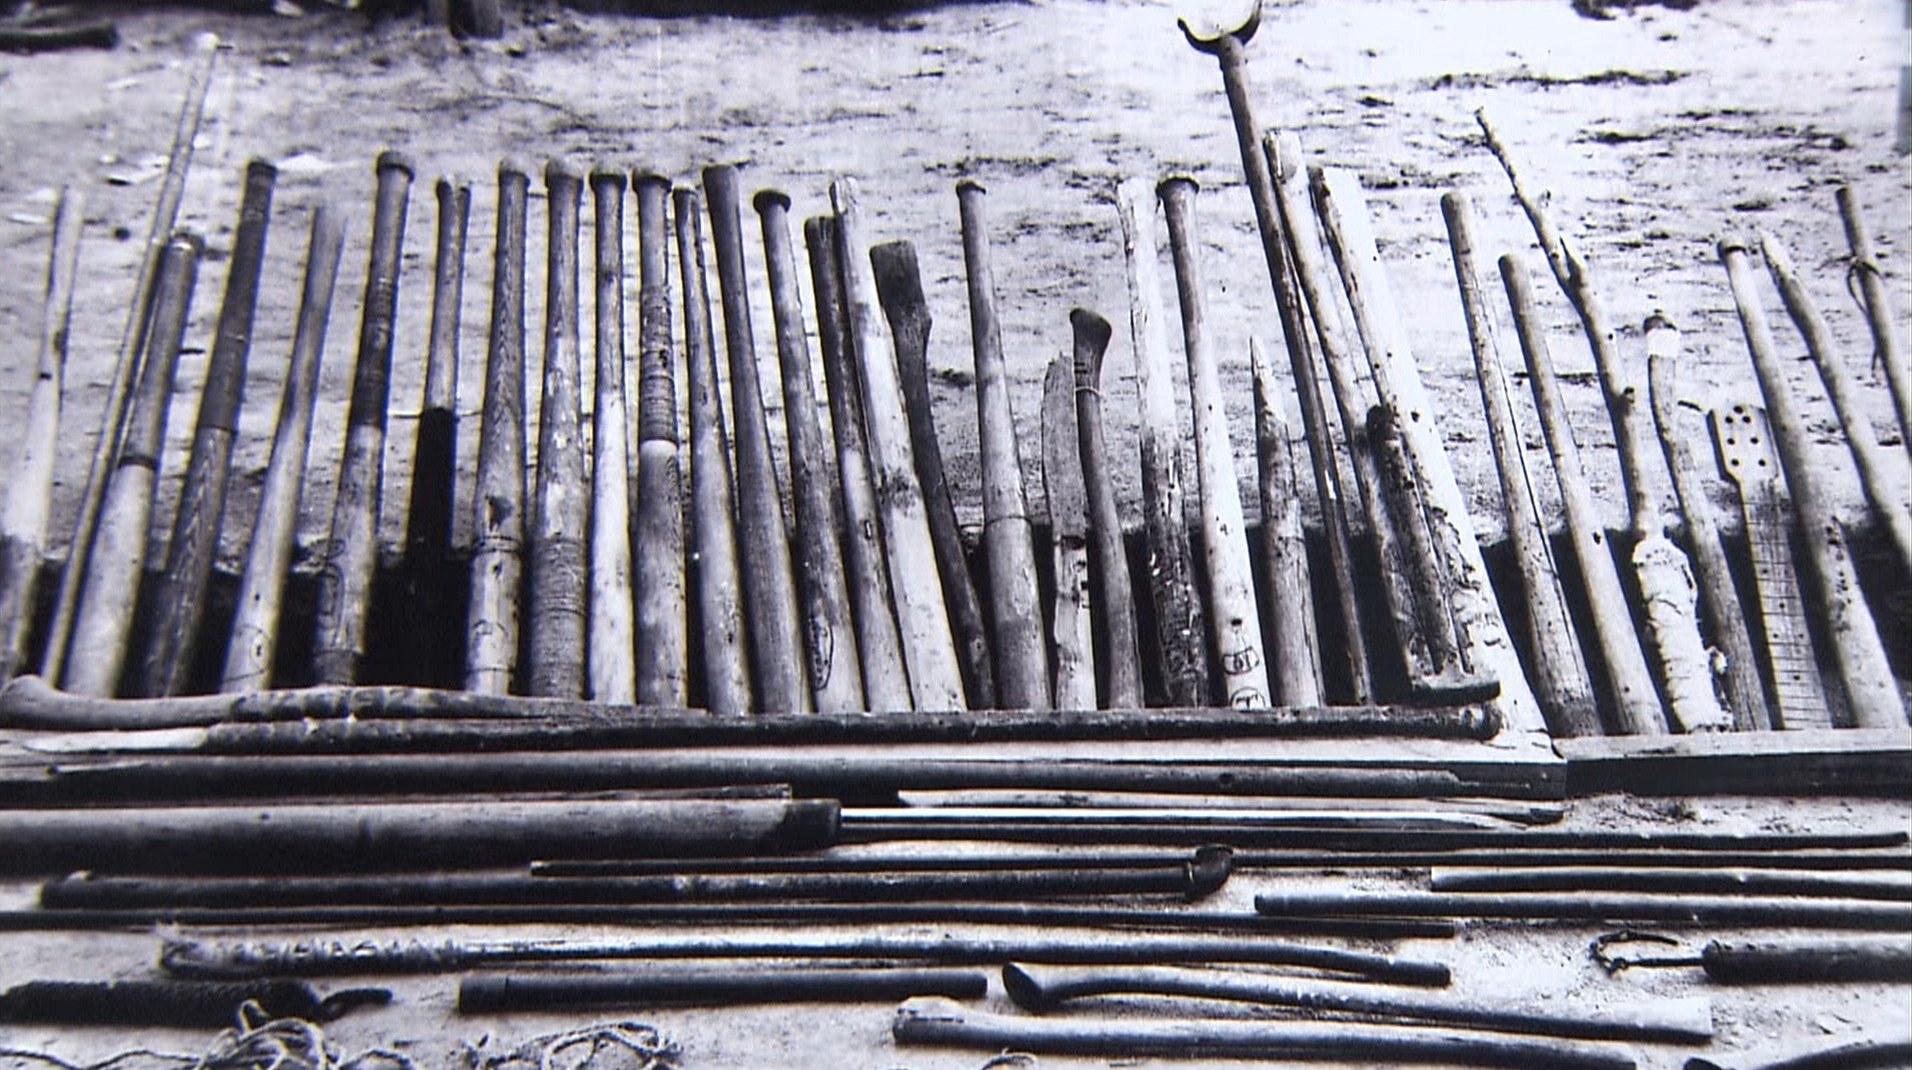 手製のバット。野球のレクリエーションのため作られたが、蜂起の際は武器となった。